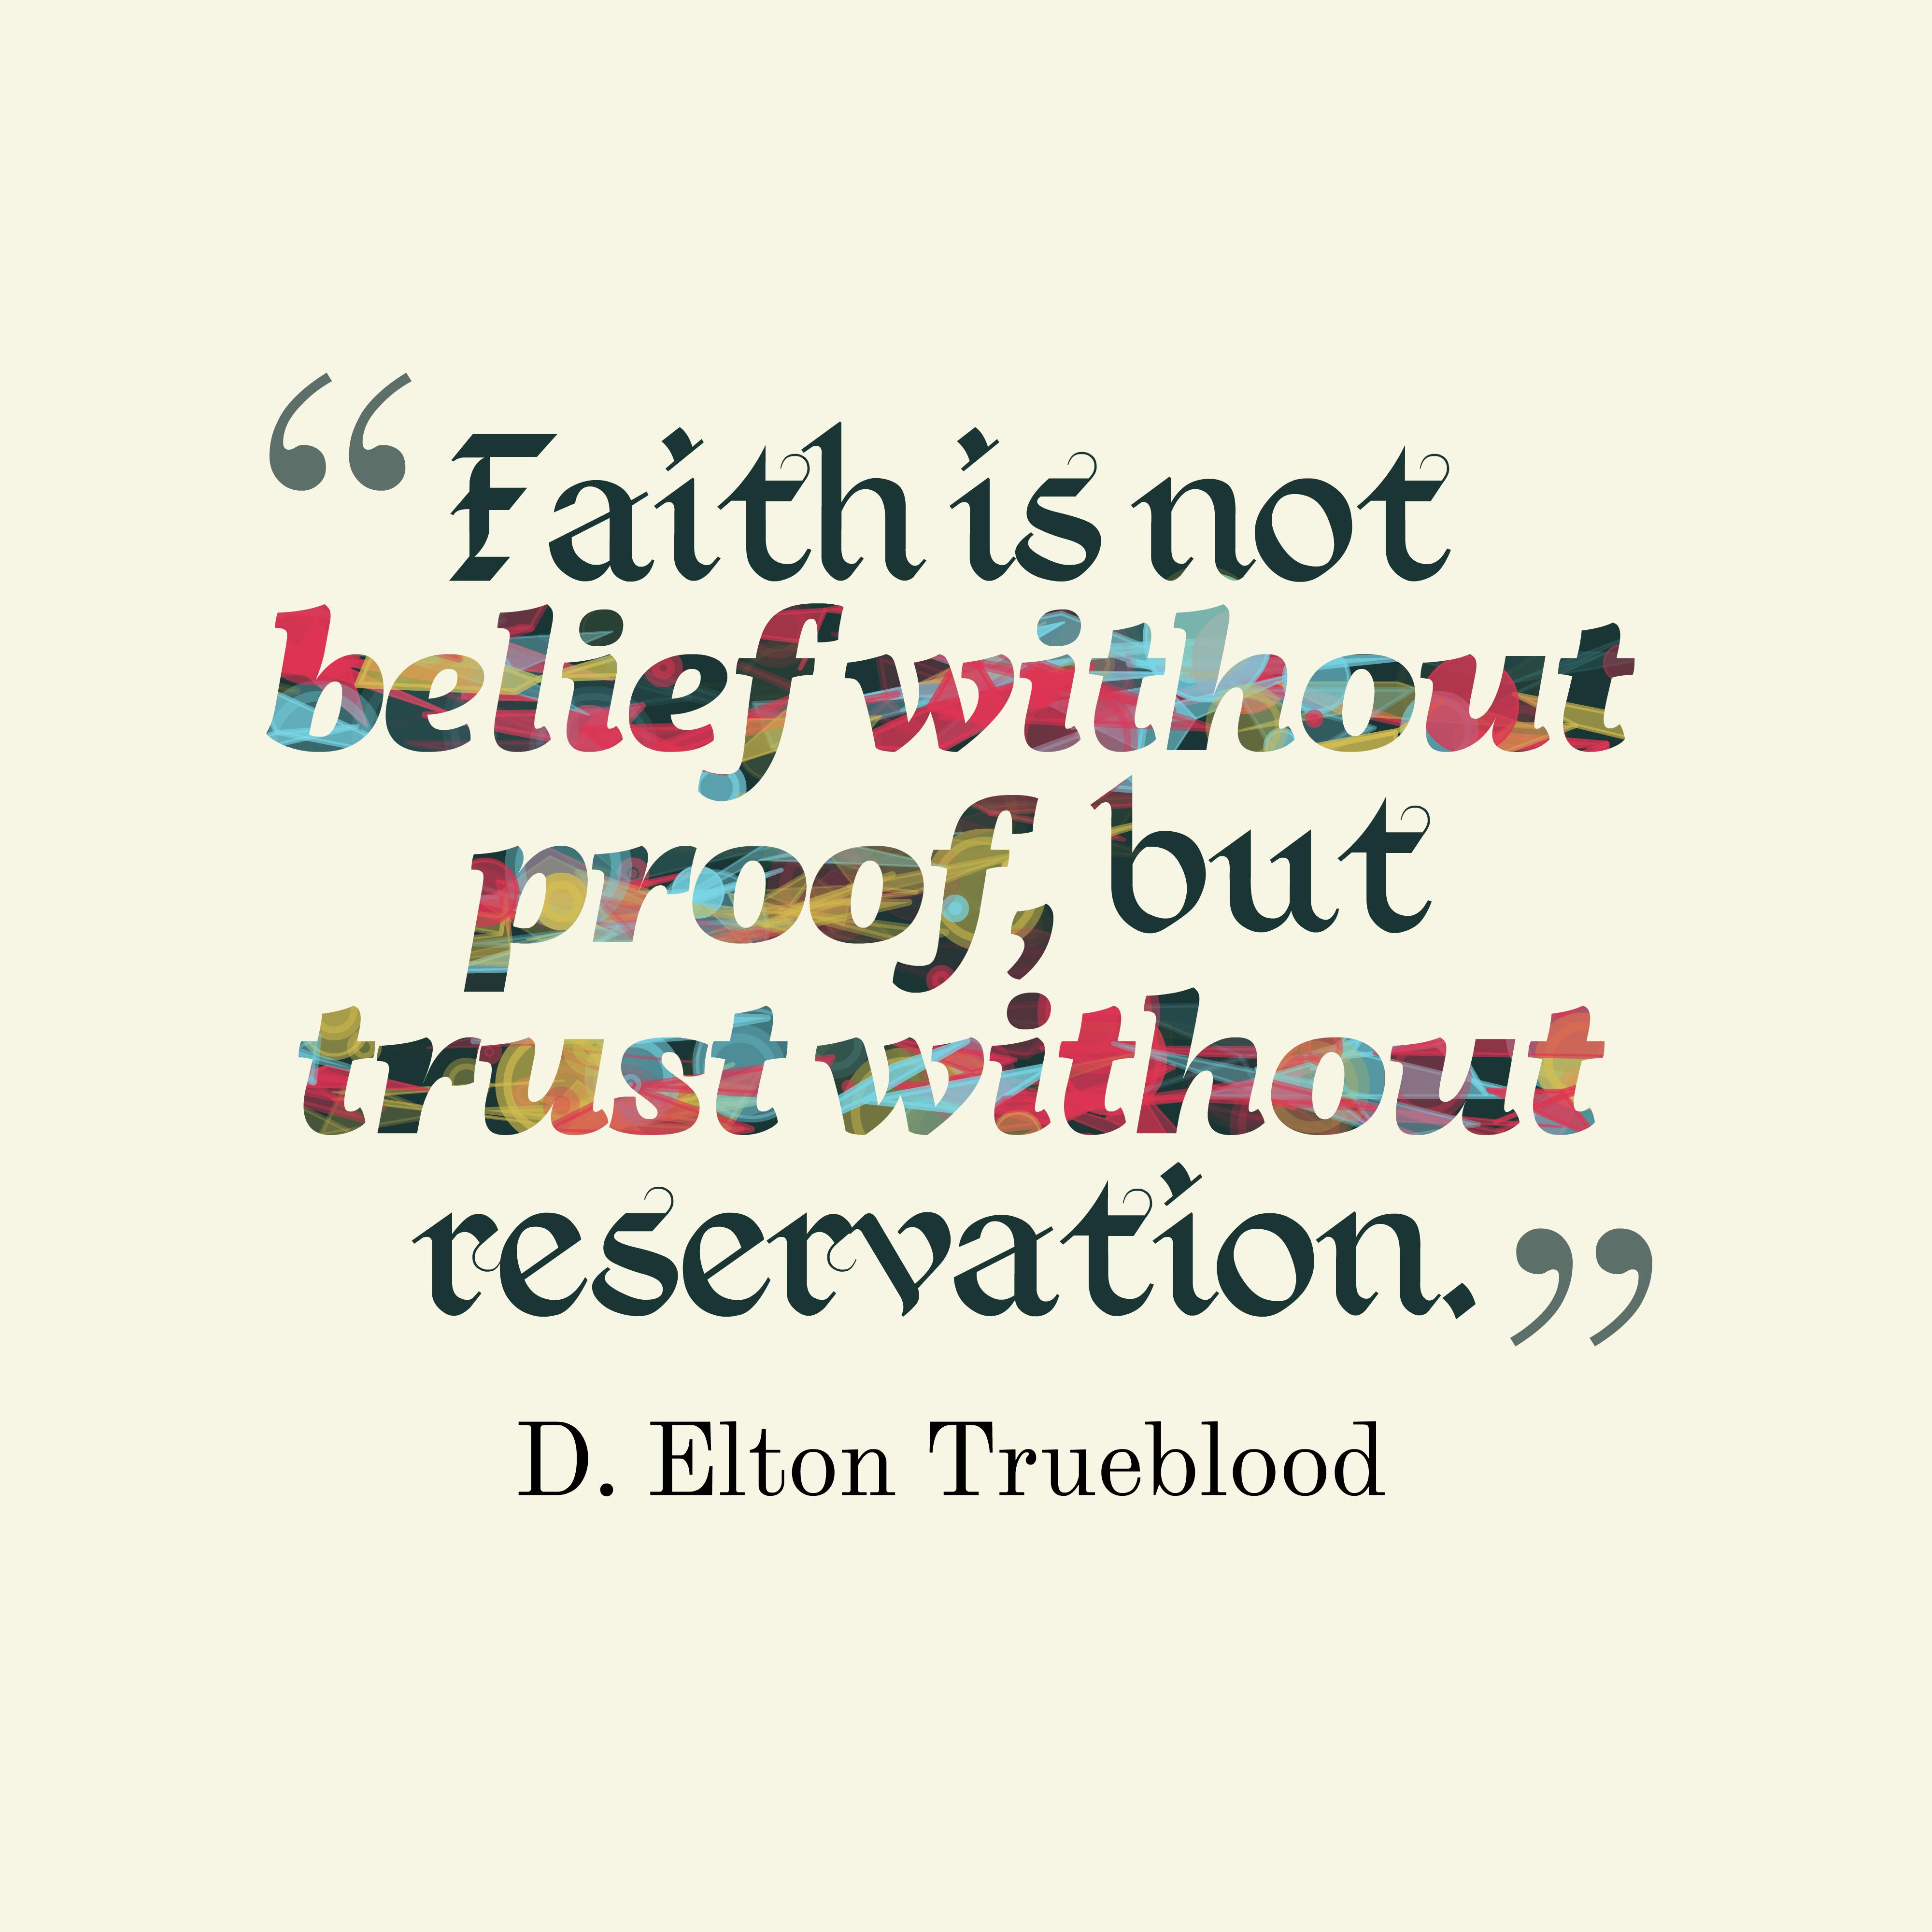 Picture » D. Elton Trueblood Quote About Faith